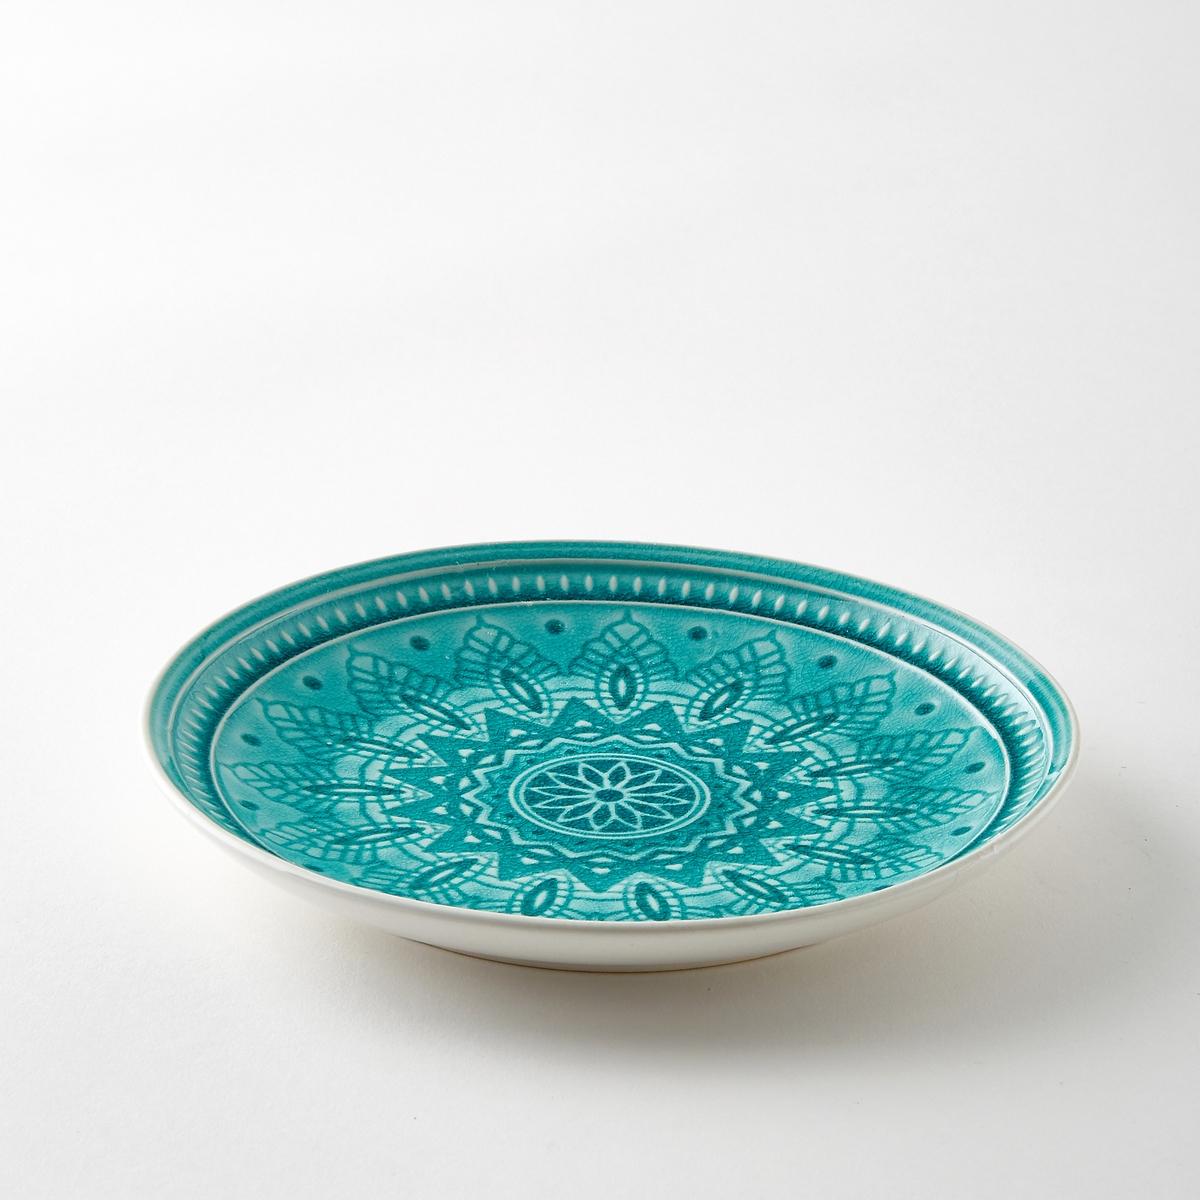 Комплект из 4 тарелок из керамики Nicolosi4 десертных тарелки Nicolosi. Из керамики с трещинами глазури. Рельефный рисунок. Подходит для посудомоечных машин. Размеры : диаметр 20,5 x высота 2,5 см.<br><br>Цвет: бирюзовый,серый<br>Размер: единый размер